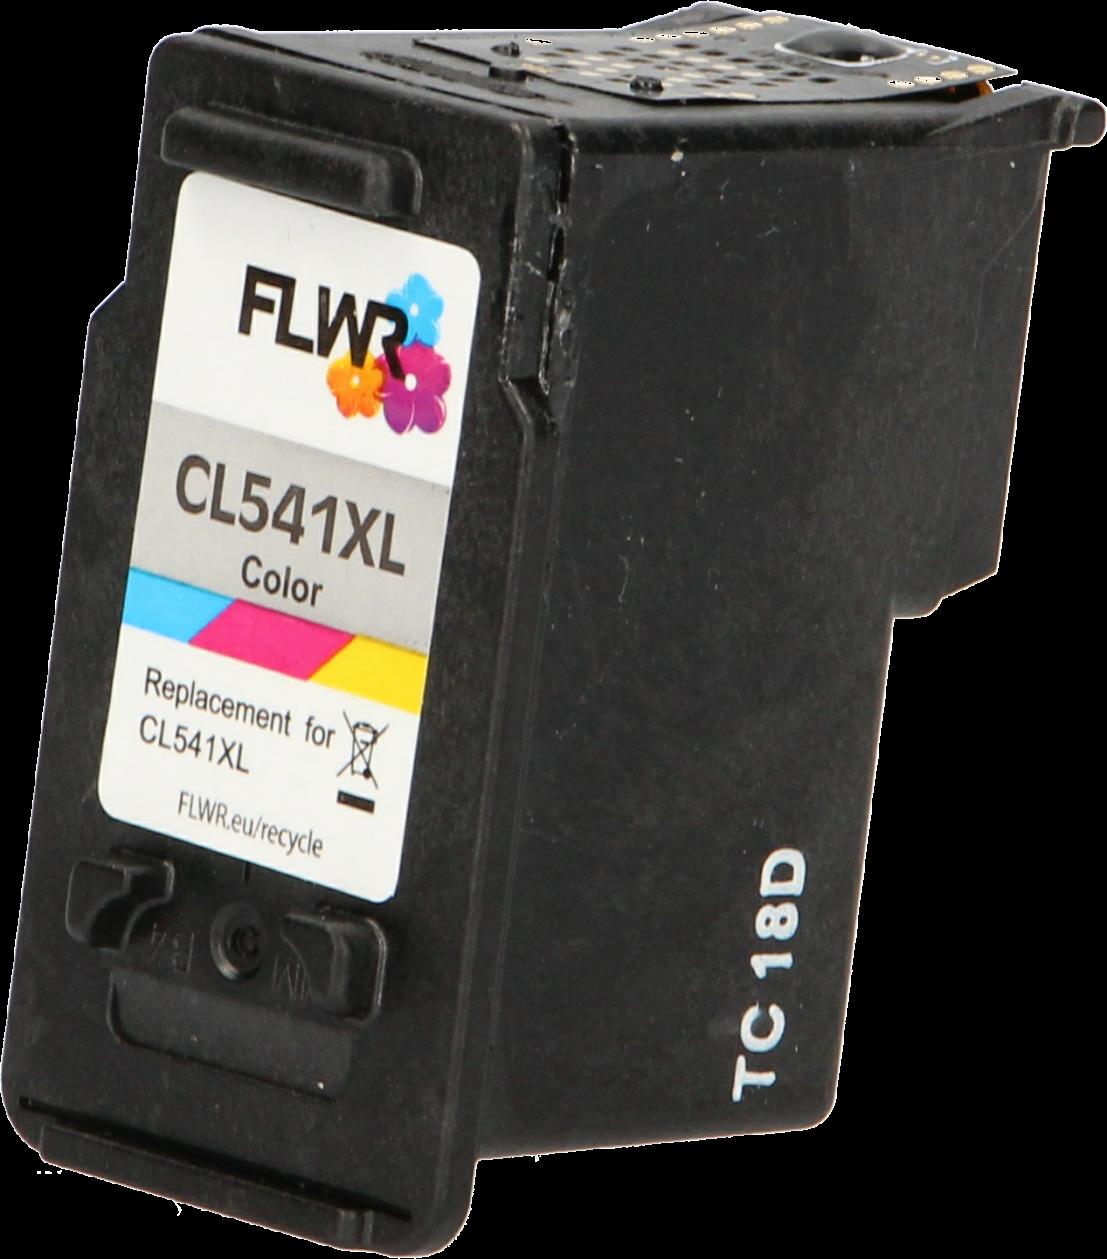 FLWR Canon CL-541XL kleur